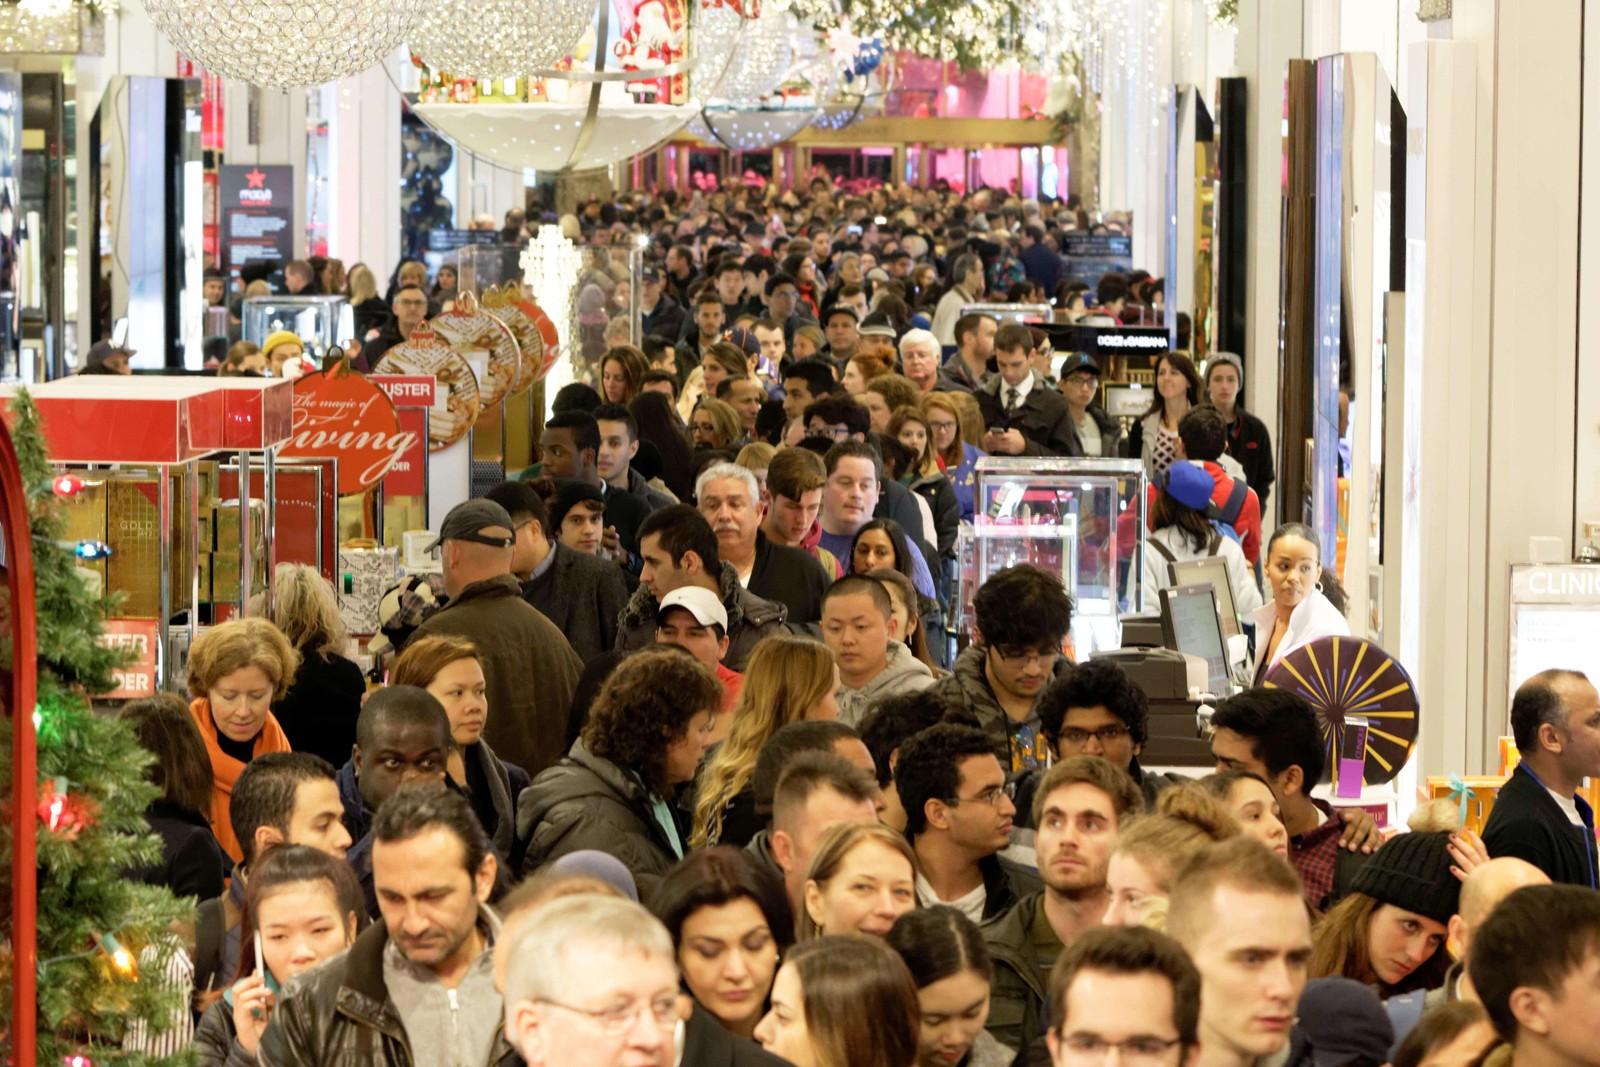 Handledagen «Black Friday» lokket til seg mange kunder hos Macys ved Herald Square, New York.